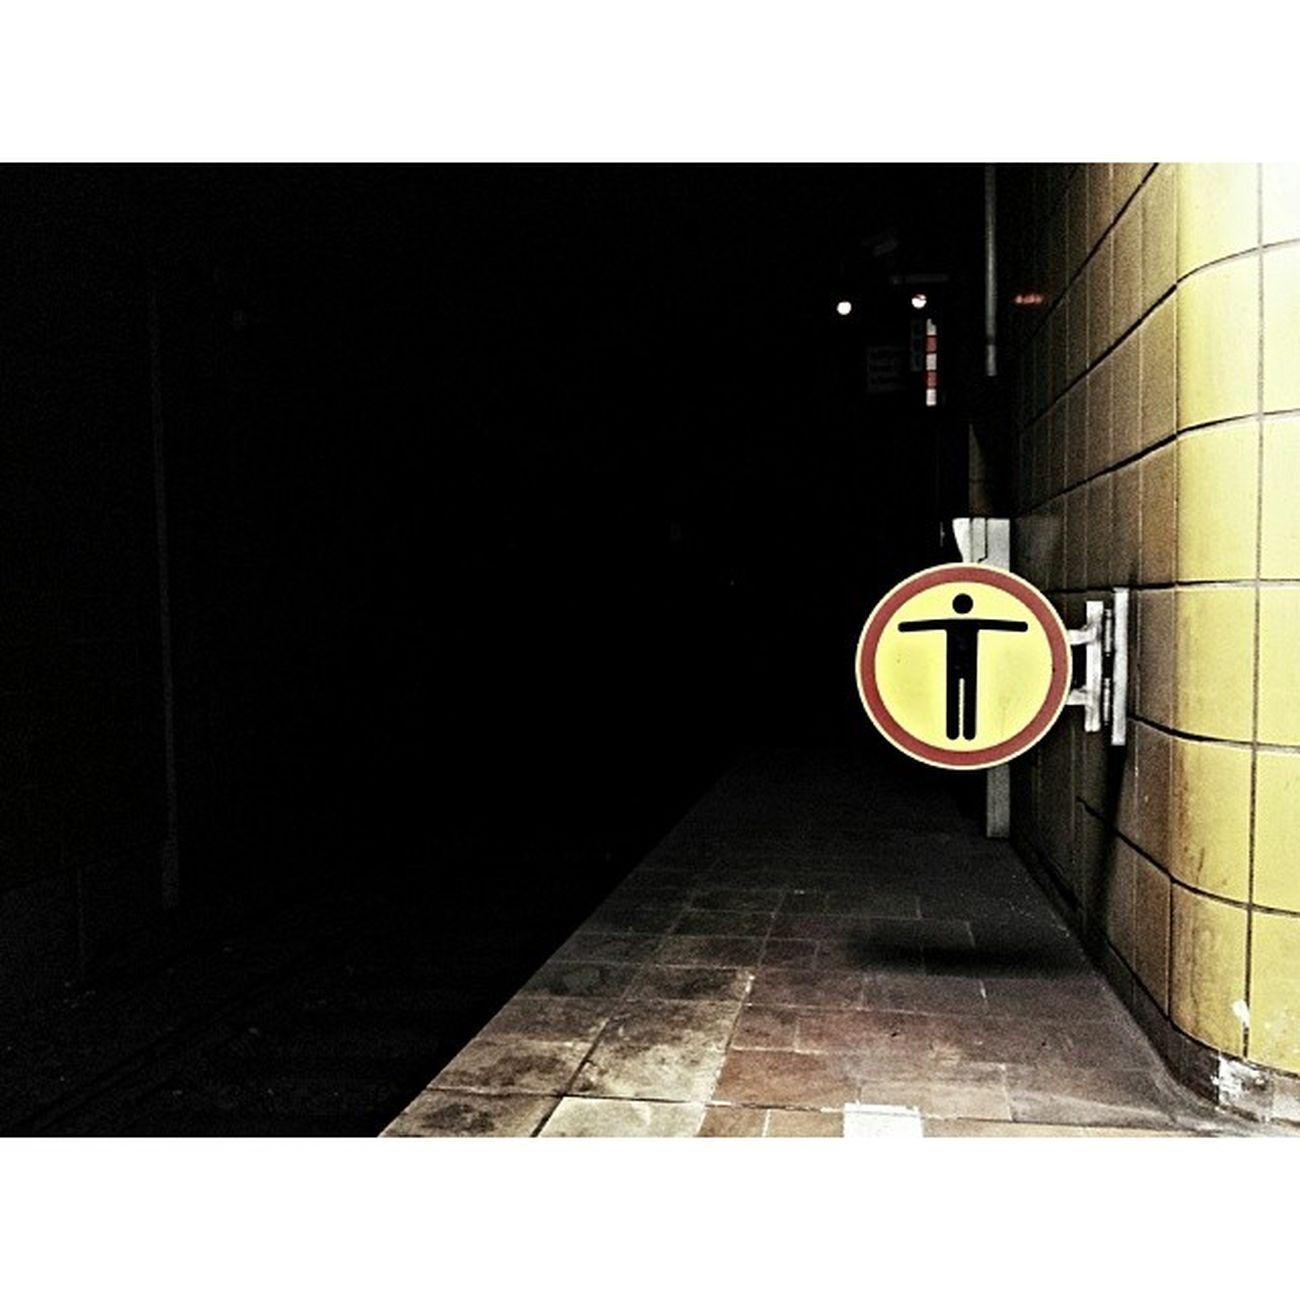 A light at the end of the tunnel? Tunnel Undergroundstation Underground Ubahn ubahnstation sign schild vsco vscocam vscophile vscogram vscoism vscolover